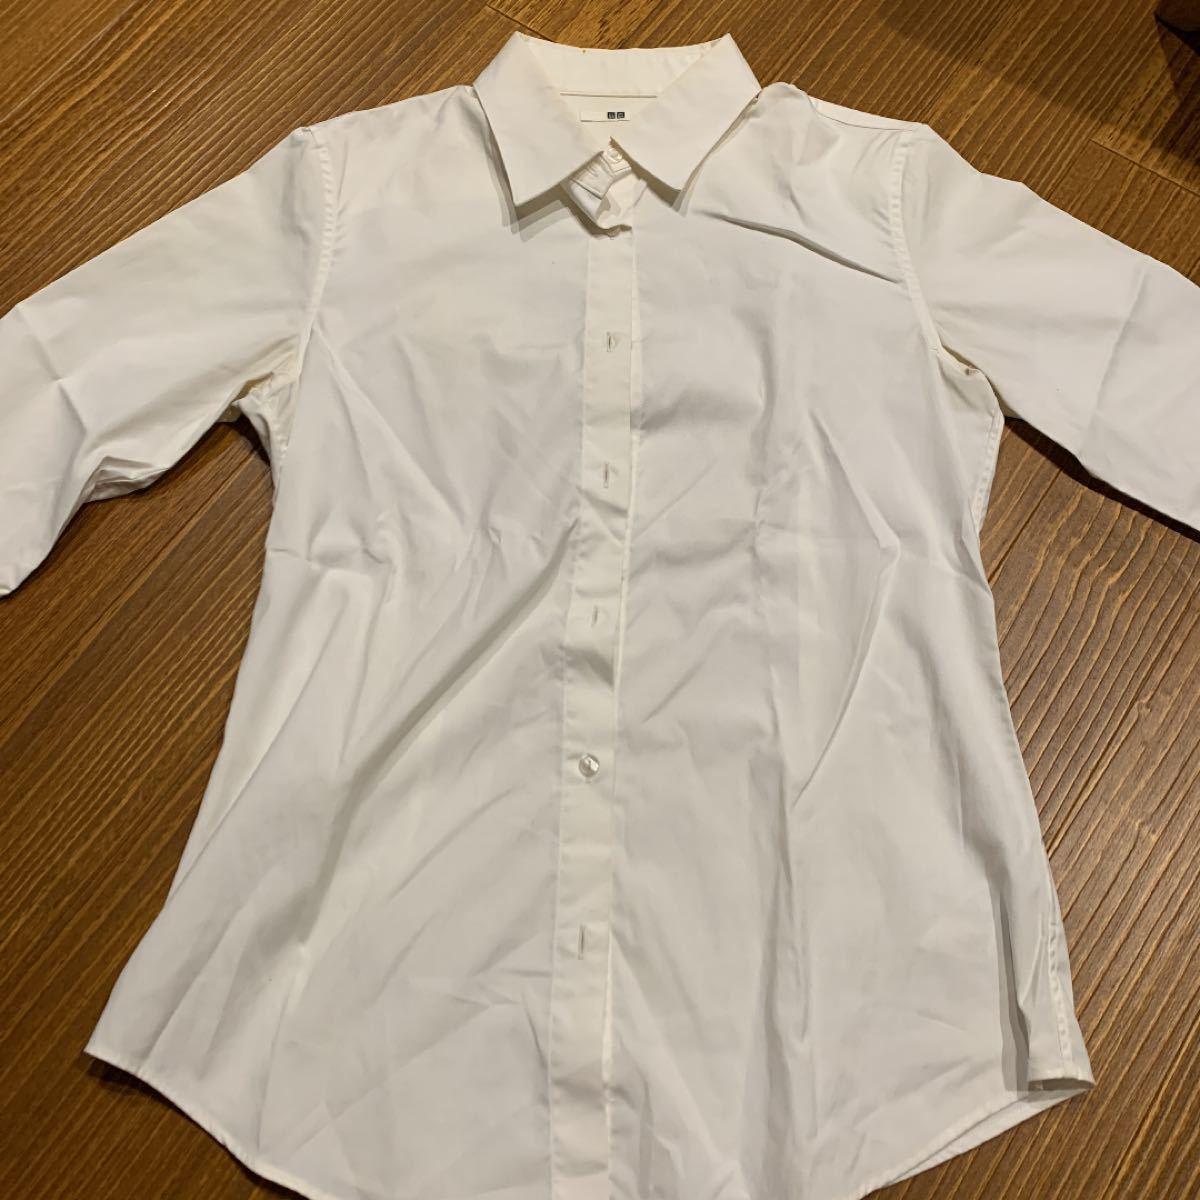 長袖シャツ ワイシャツ 白シャツ フォーマル ユニクロ 秋服